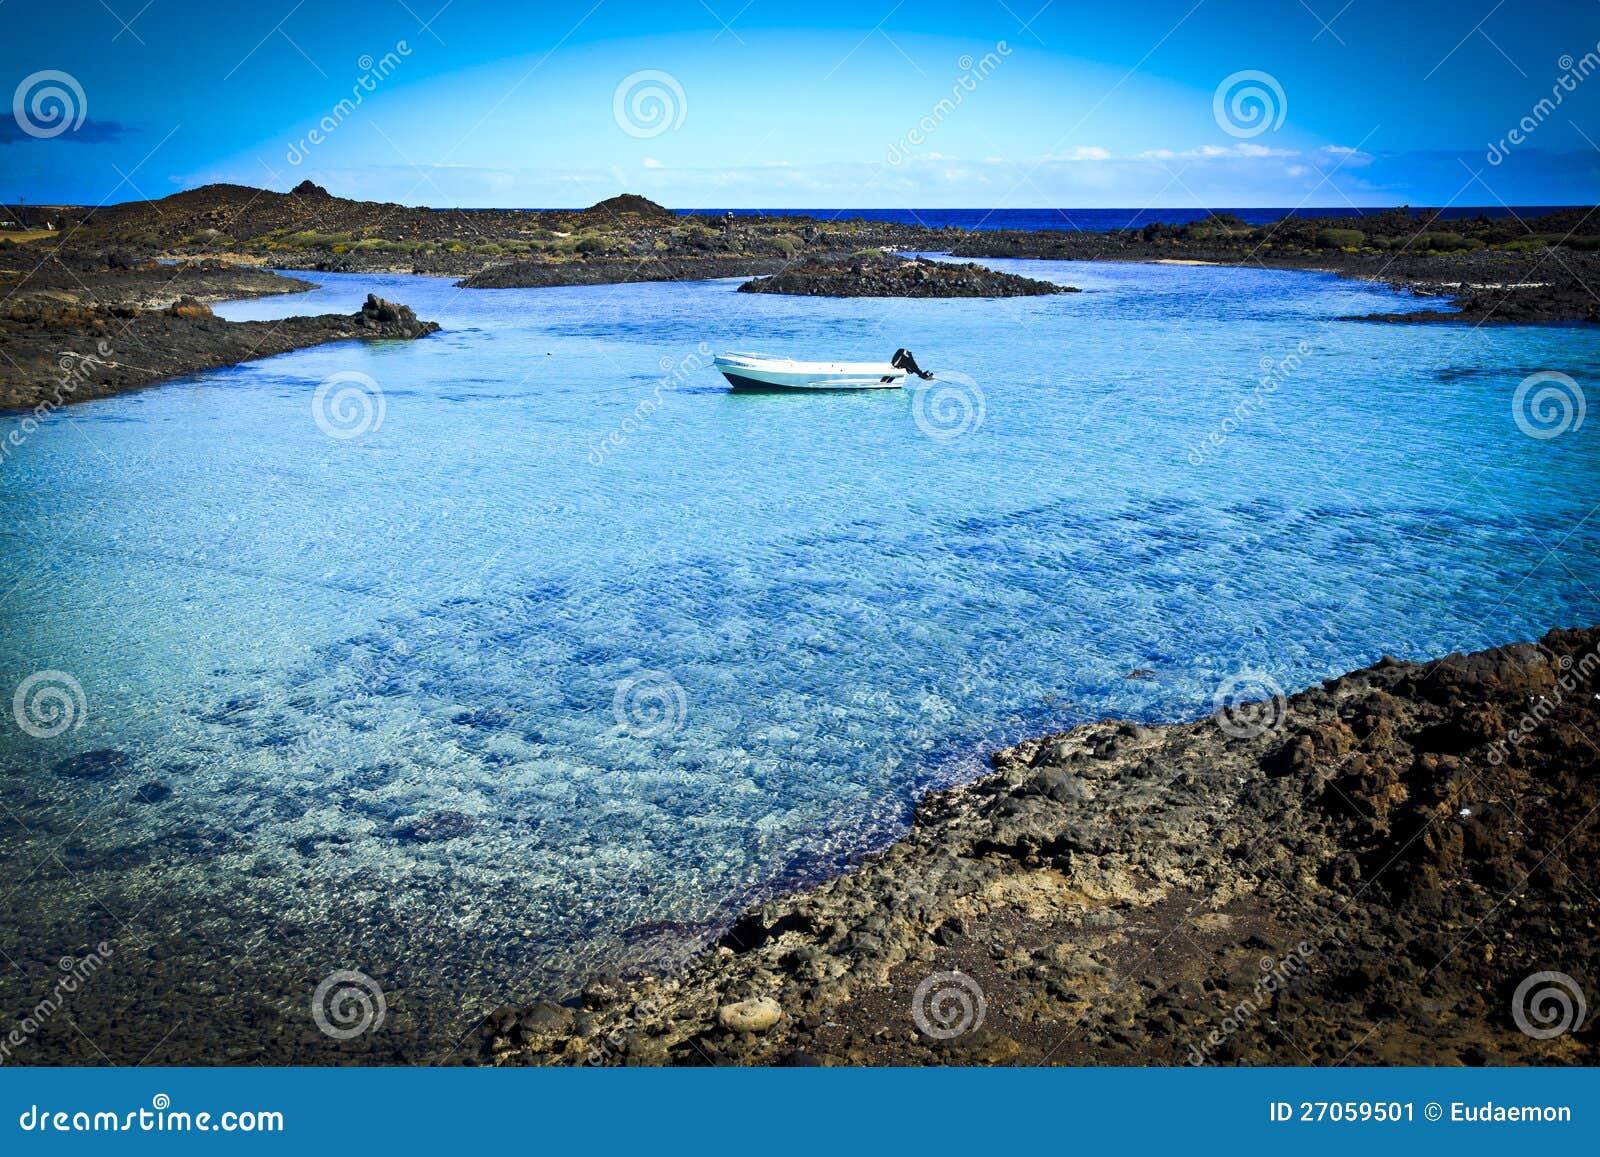 Fuerteventura Isla De Los Lobos Bay 1 Stockbild - Bild von küste ...